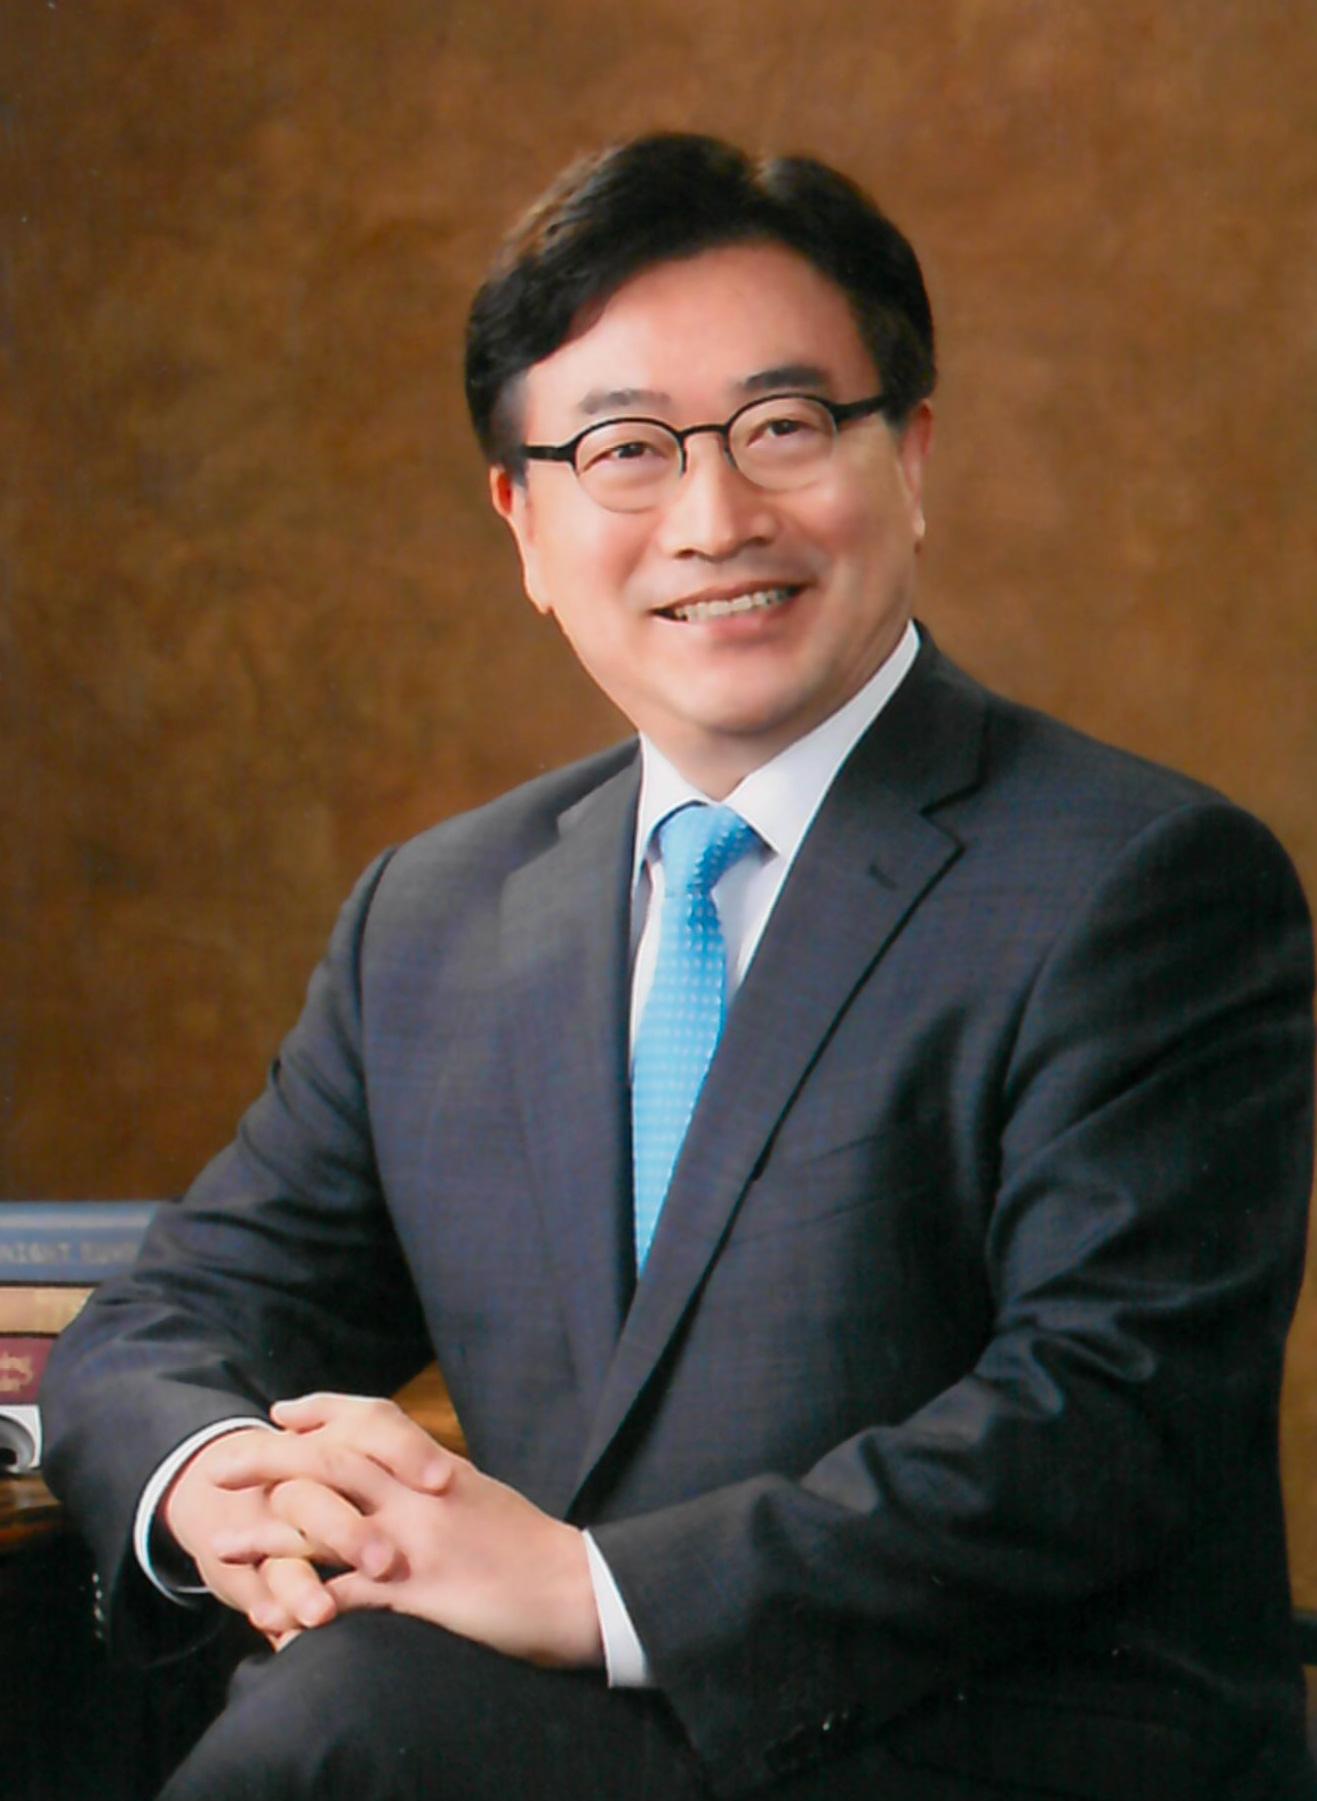 한컴그룹, 해외사업 총괄에 윤원석 전 KOTRA 경제통상협력본부장 영입